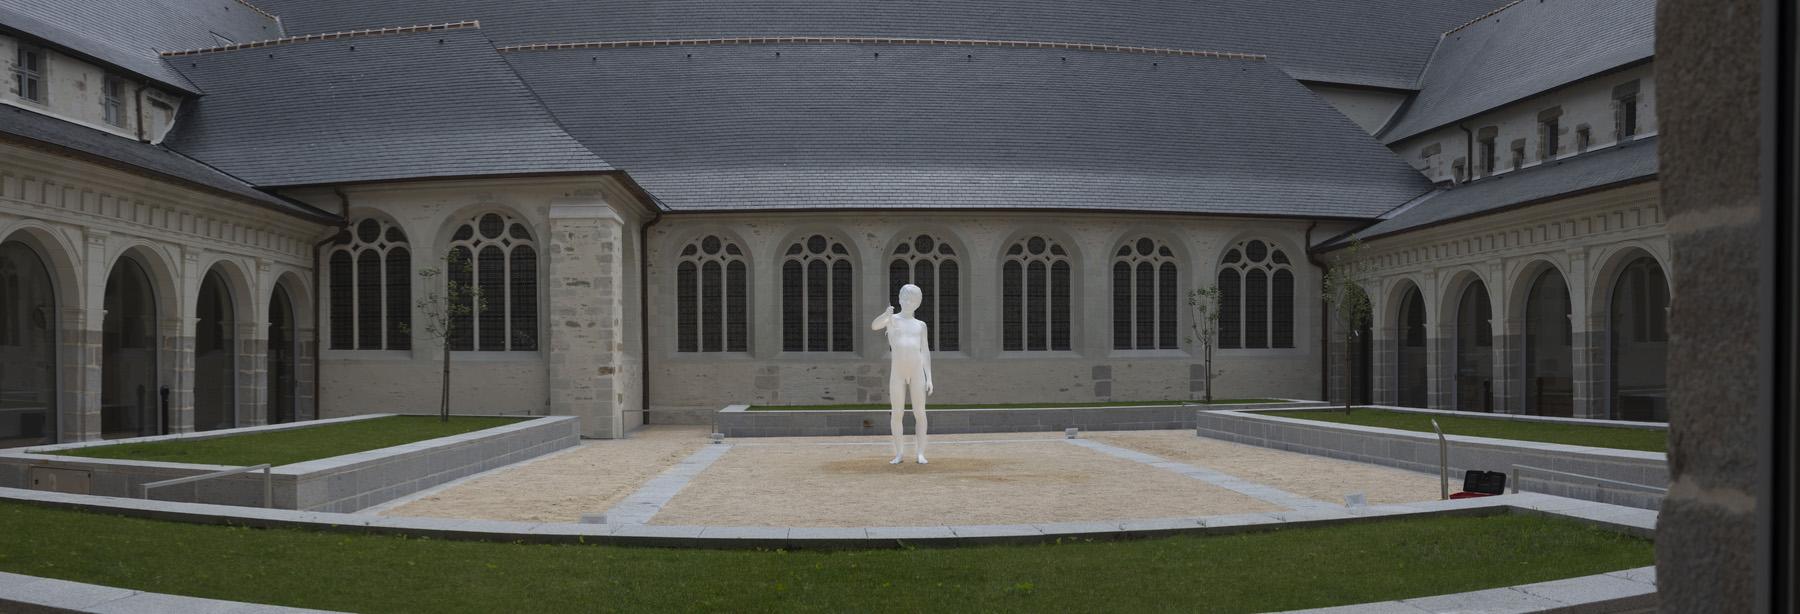 Vues de l'exposition « Debout ! », un choix d'œuvres de la Collection Pinault au Couvent des Jacobins à Rennes (23.06 – 09.09.2018). Ici Charles Ray Boy with Frog, 2009.  © Photo : Jean-François Mollière Pinault Collection